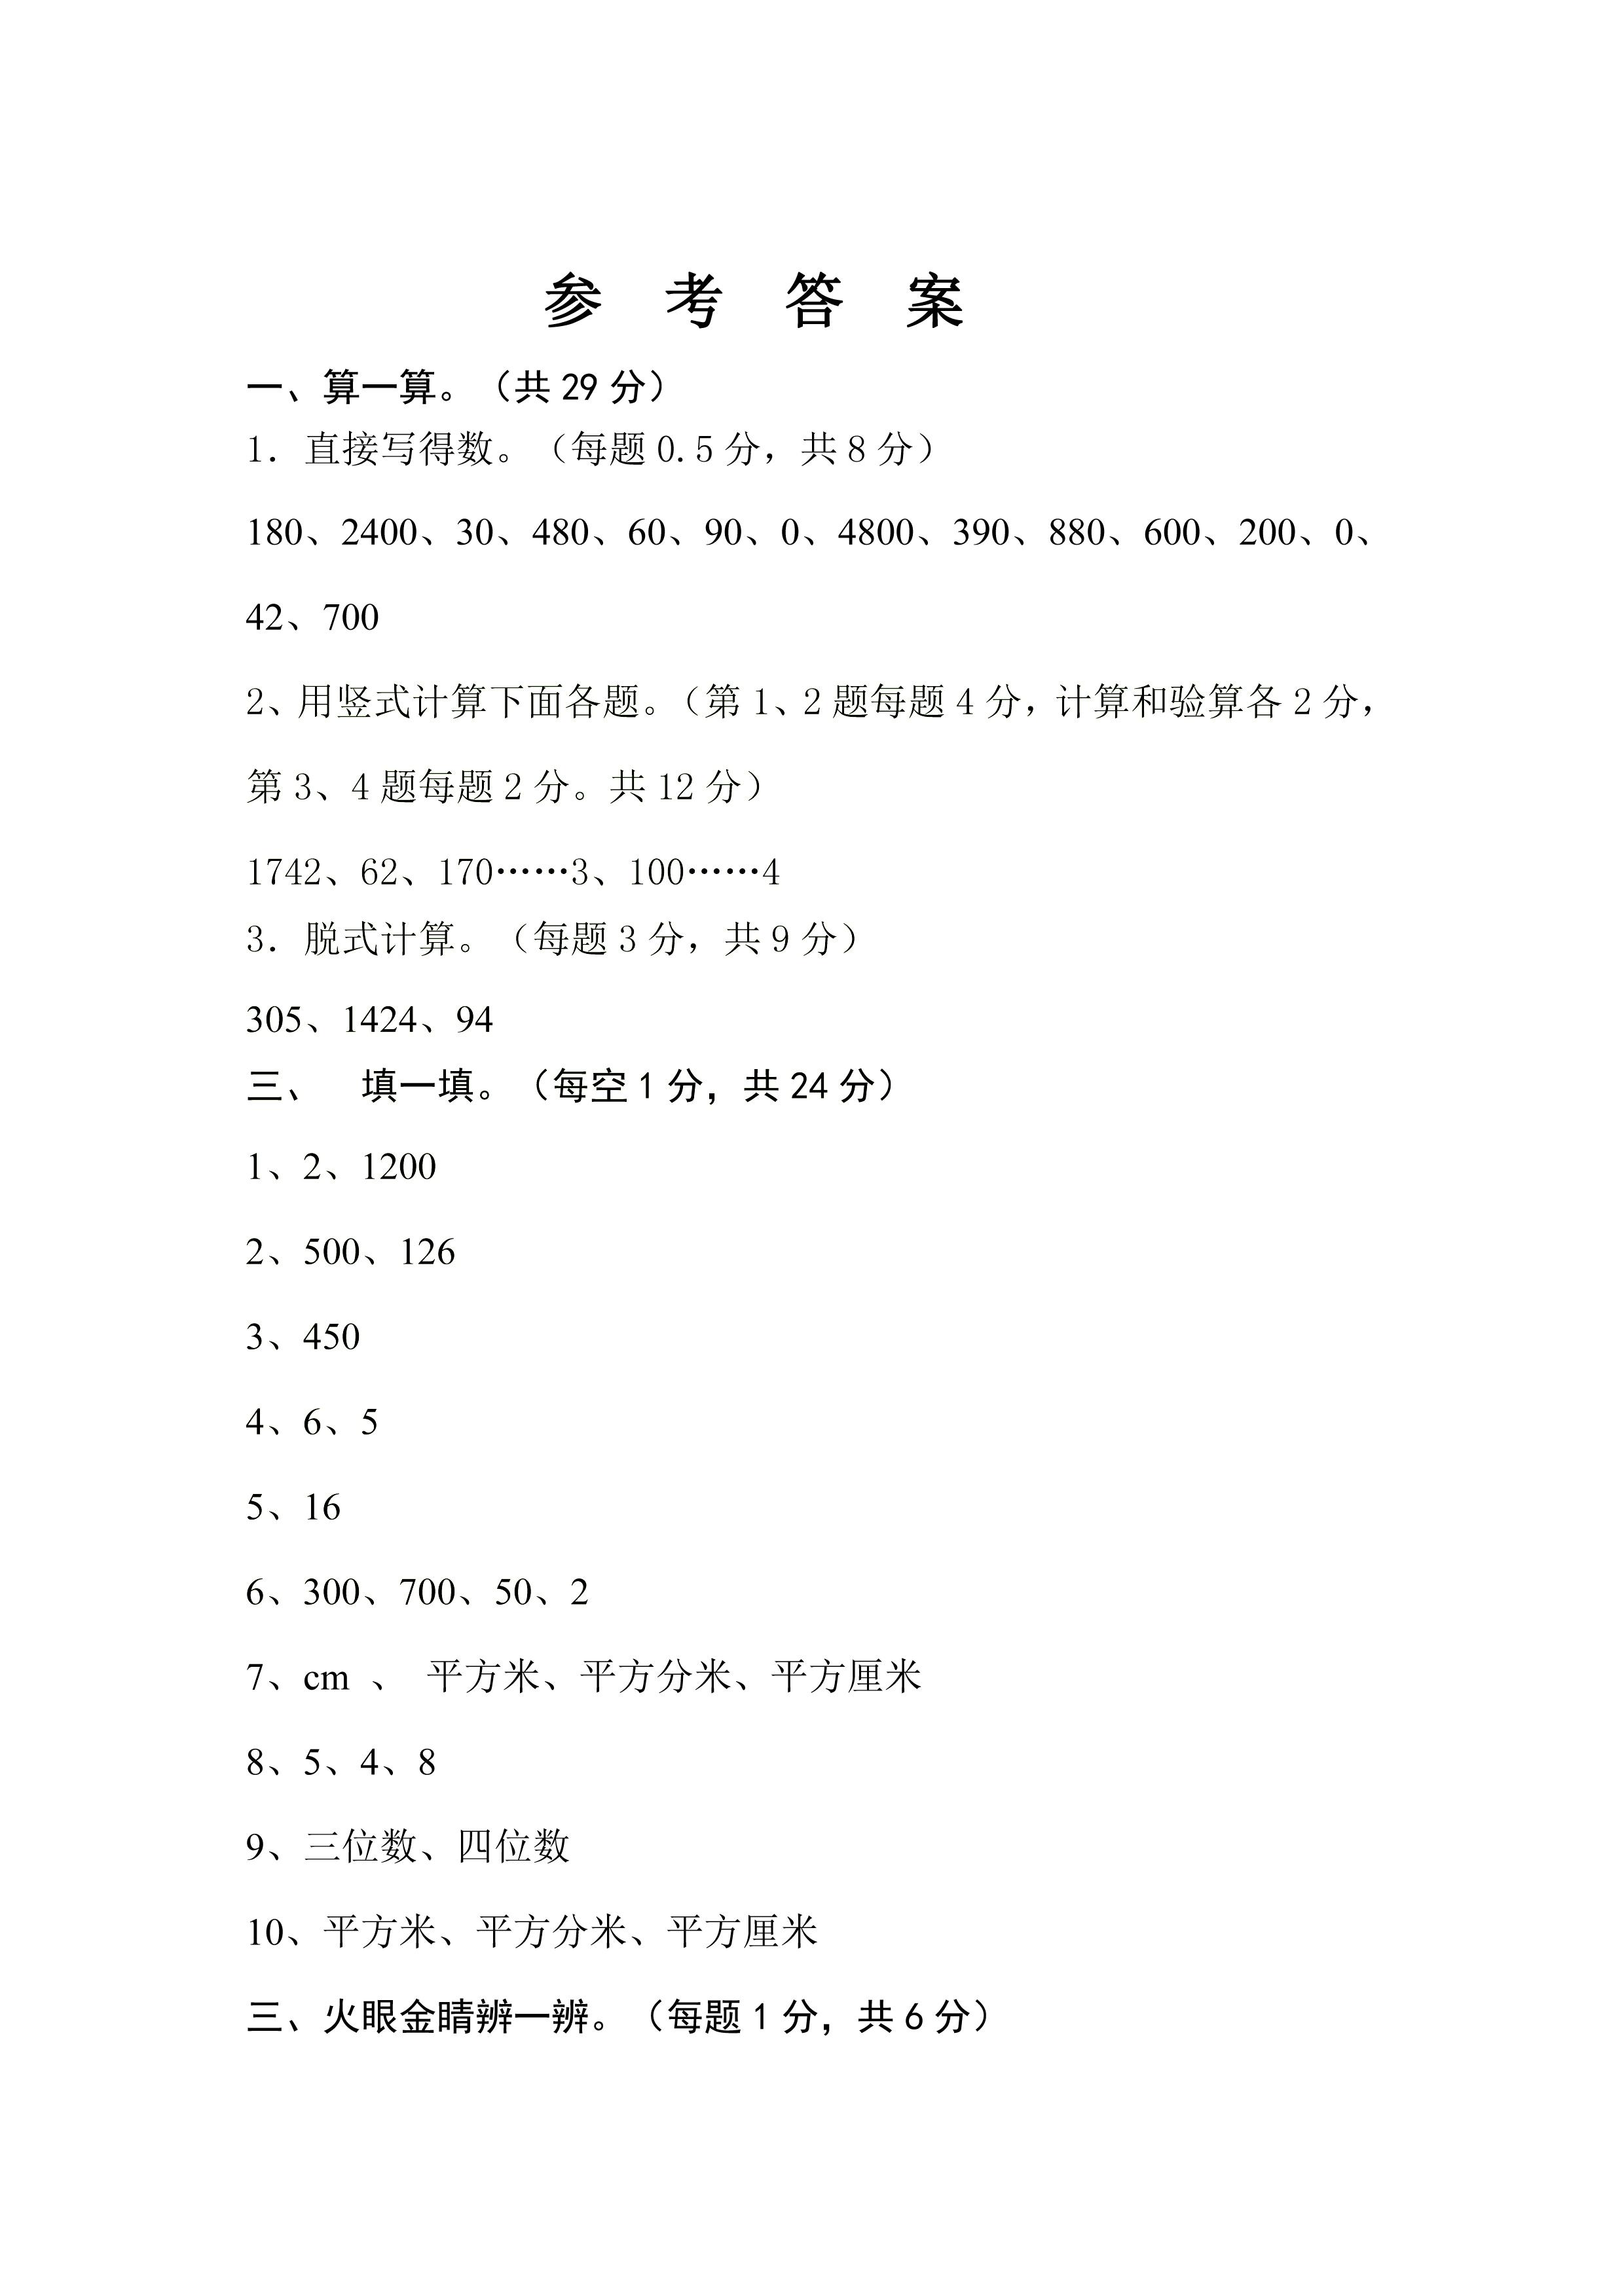 三年级下册数学期末教学质量检测-5.jpg